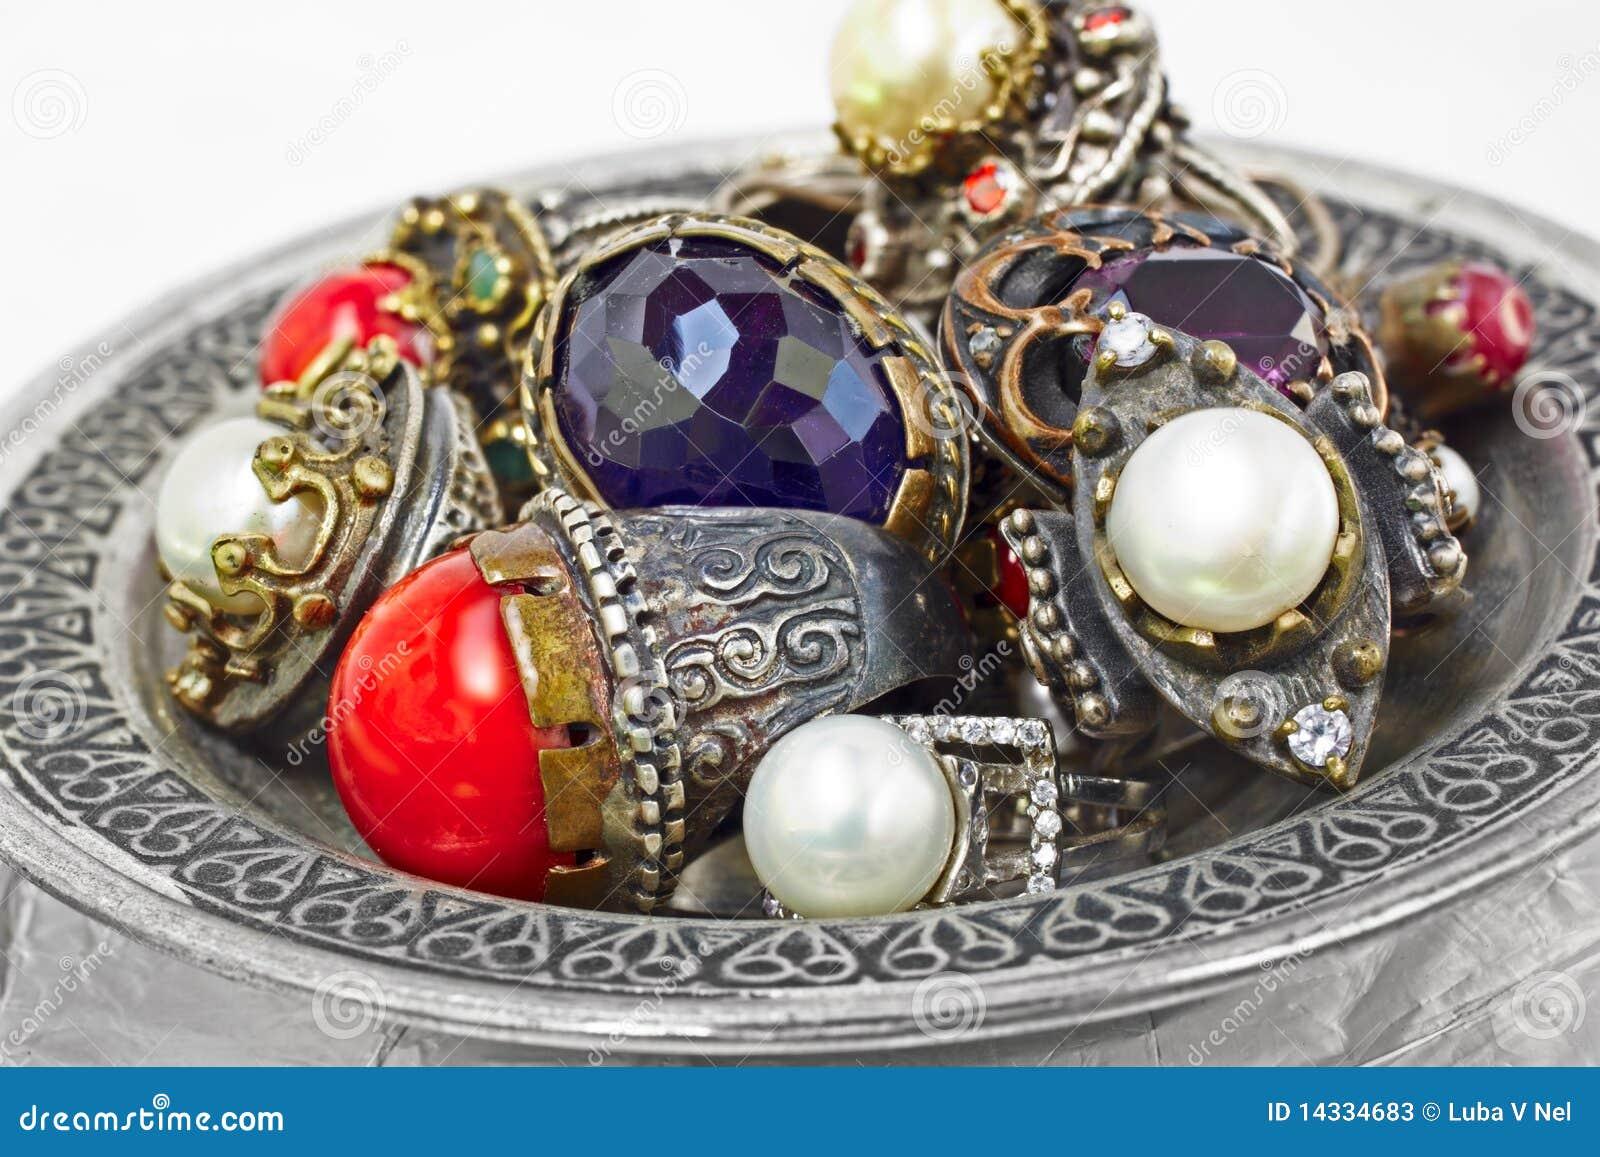 Turkse zilveren ringen stock foto 39 s afbeelding 14334683 - Pouf eigentijds ontwerp ...